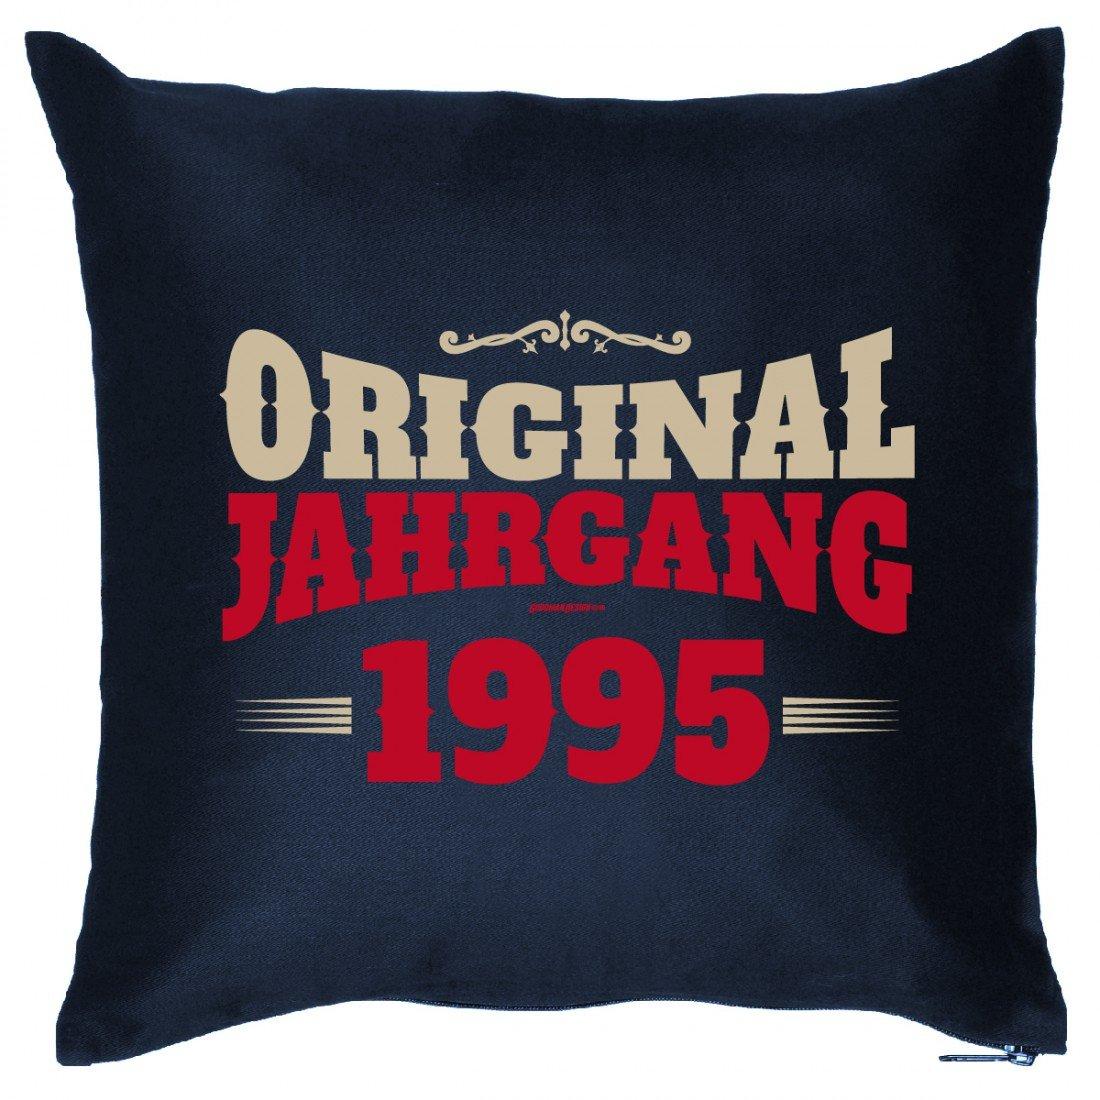 Cooles Couch Kissen für Jahrgang zum Geburtstag - Original Jahrgang 1995 - Sofakissen Wendekissen mit Spruch und Humor